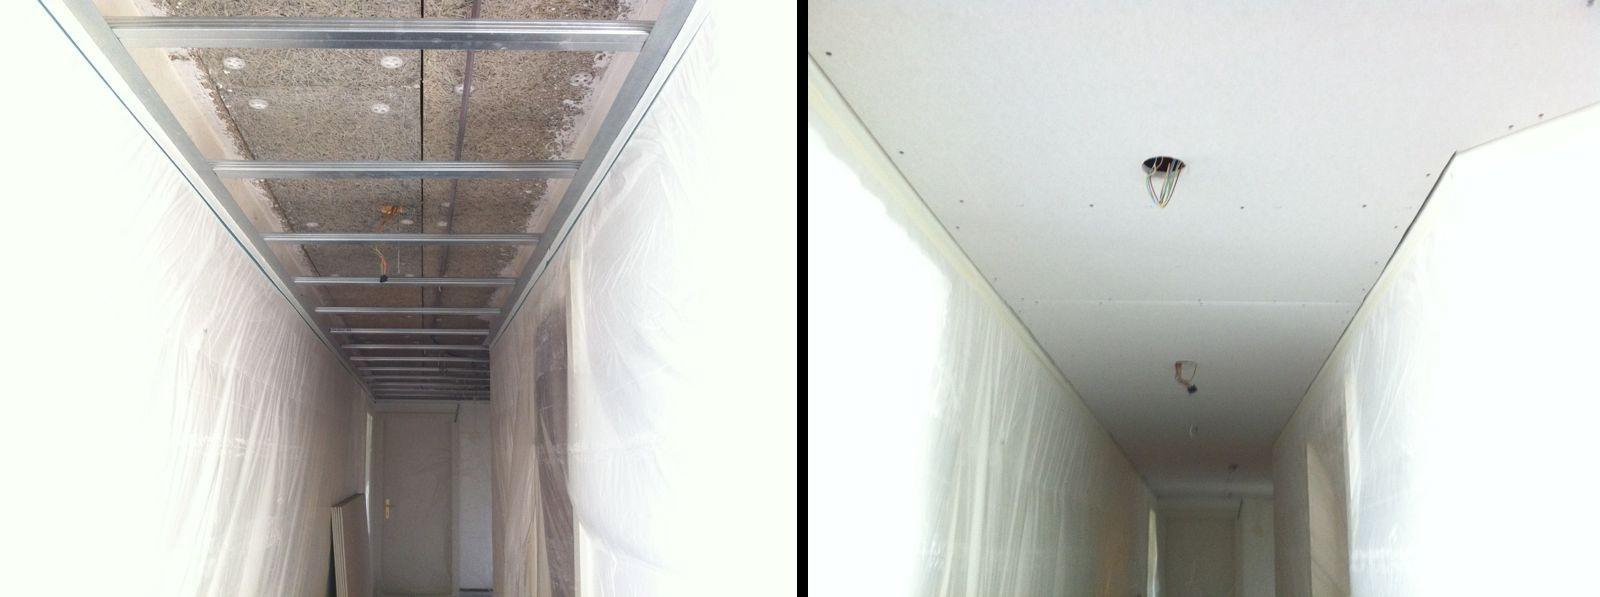 Faux plafond couloir led pour plafond best faux images on - Revetement mural couloir ...